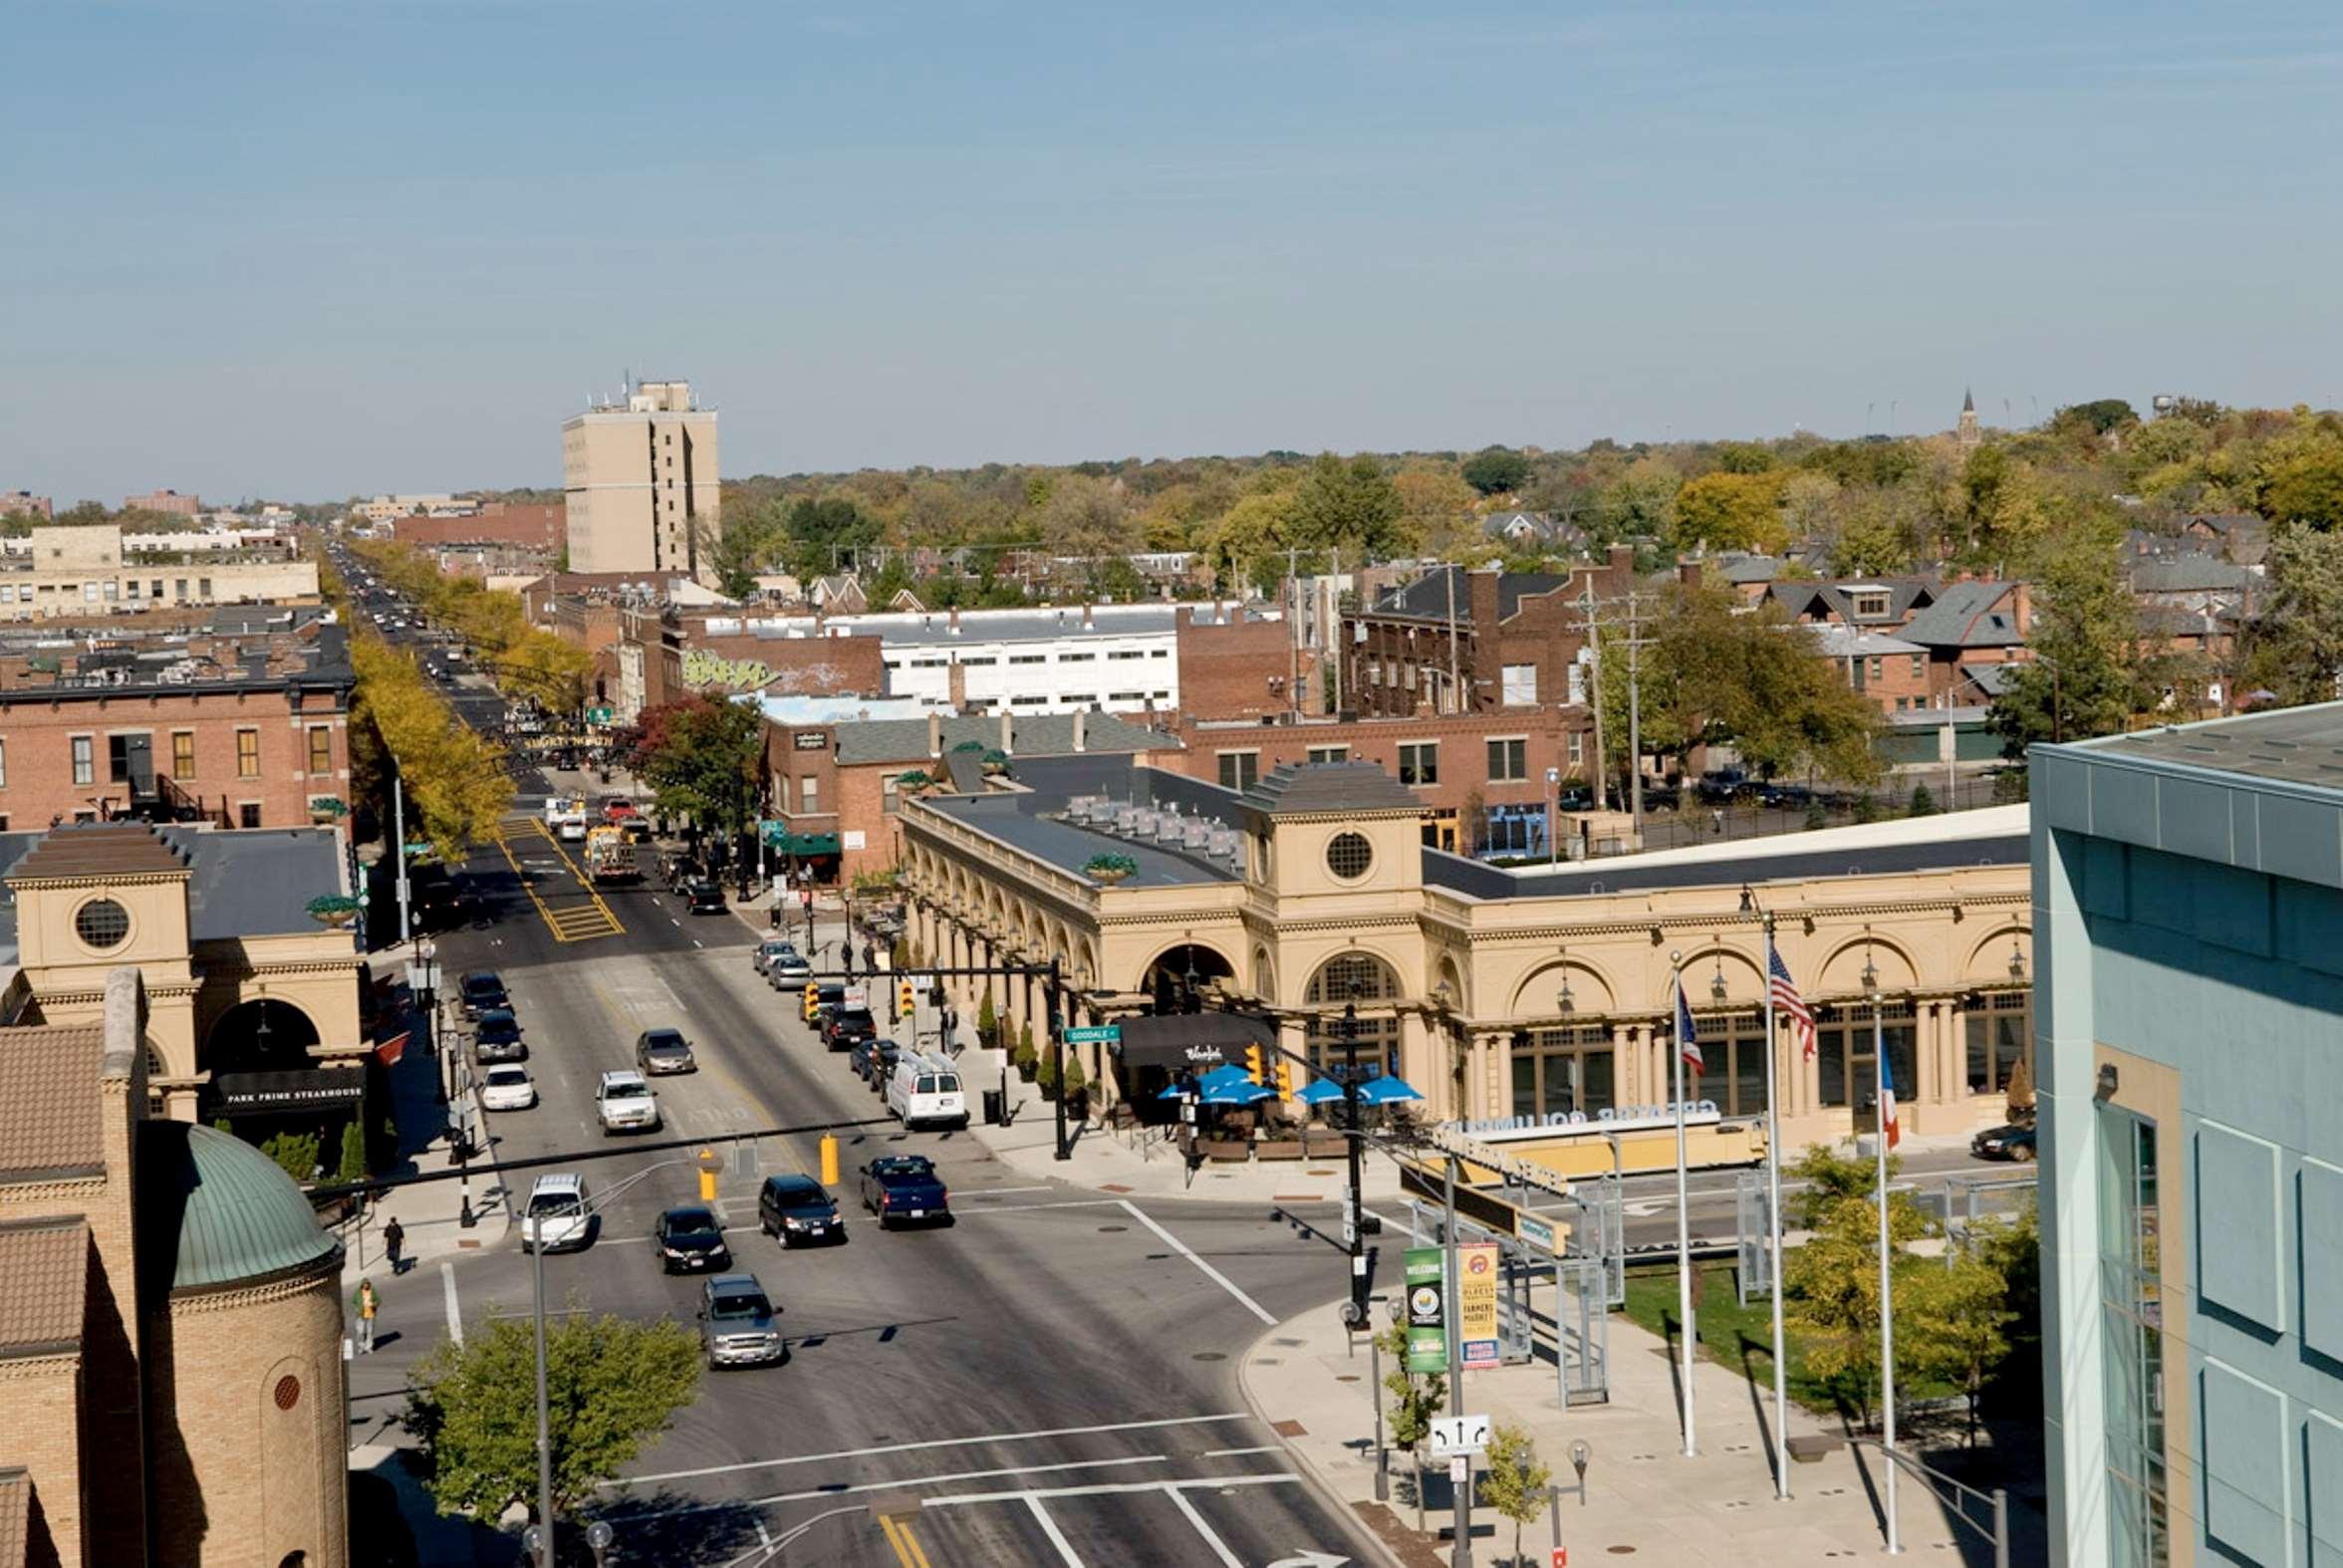 Hilton Garden Inn Columbus-University Area image 40